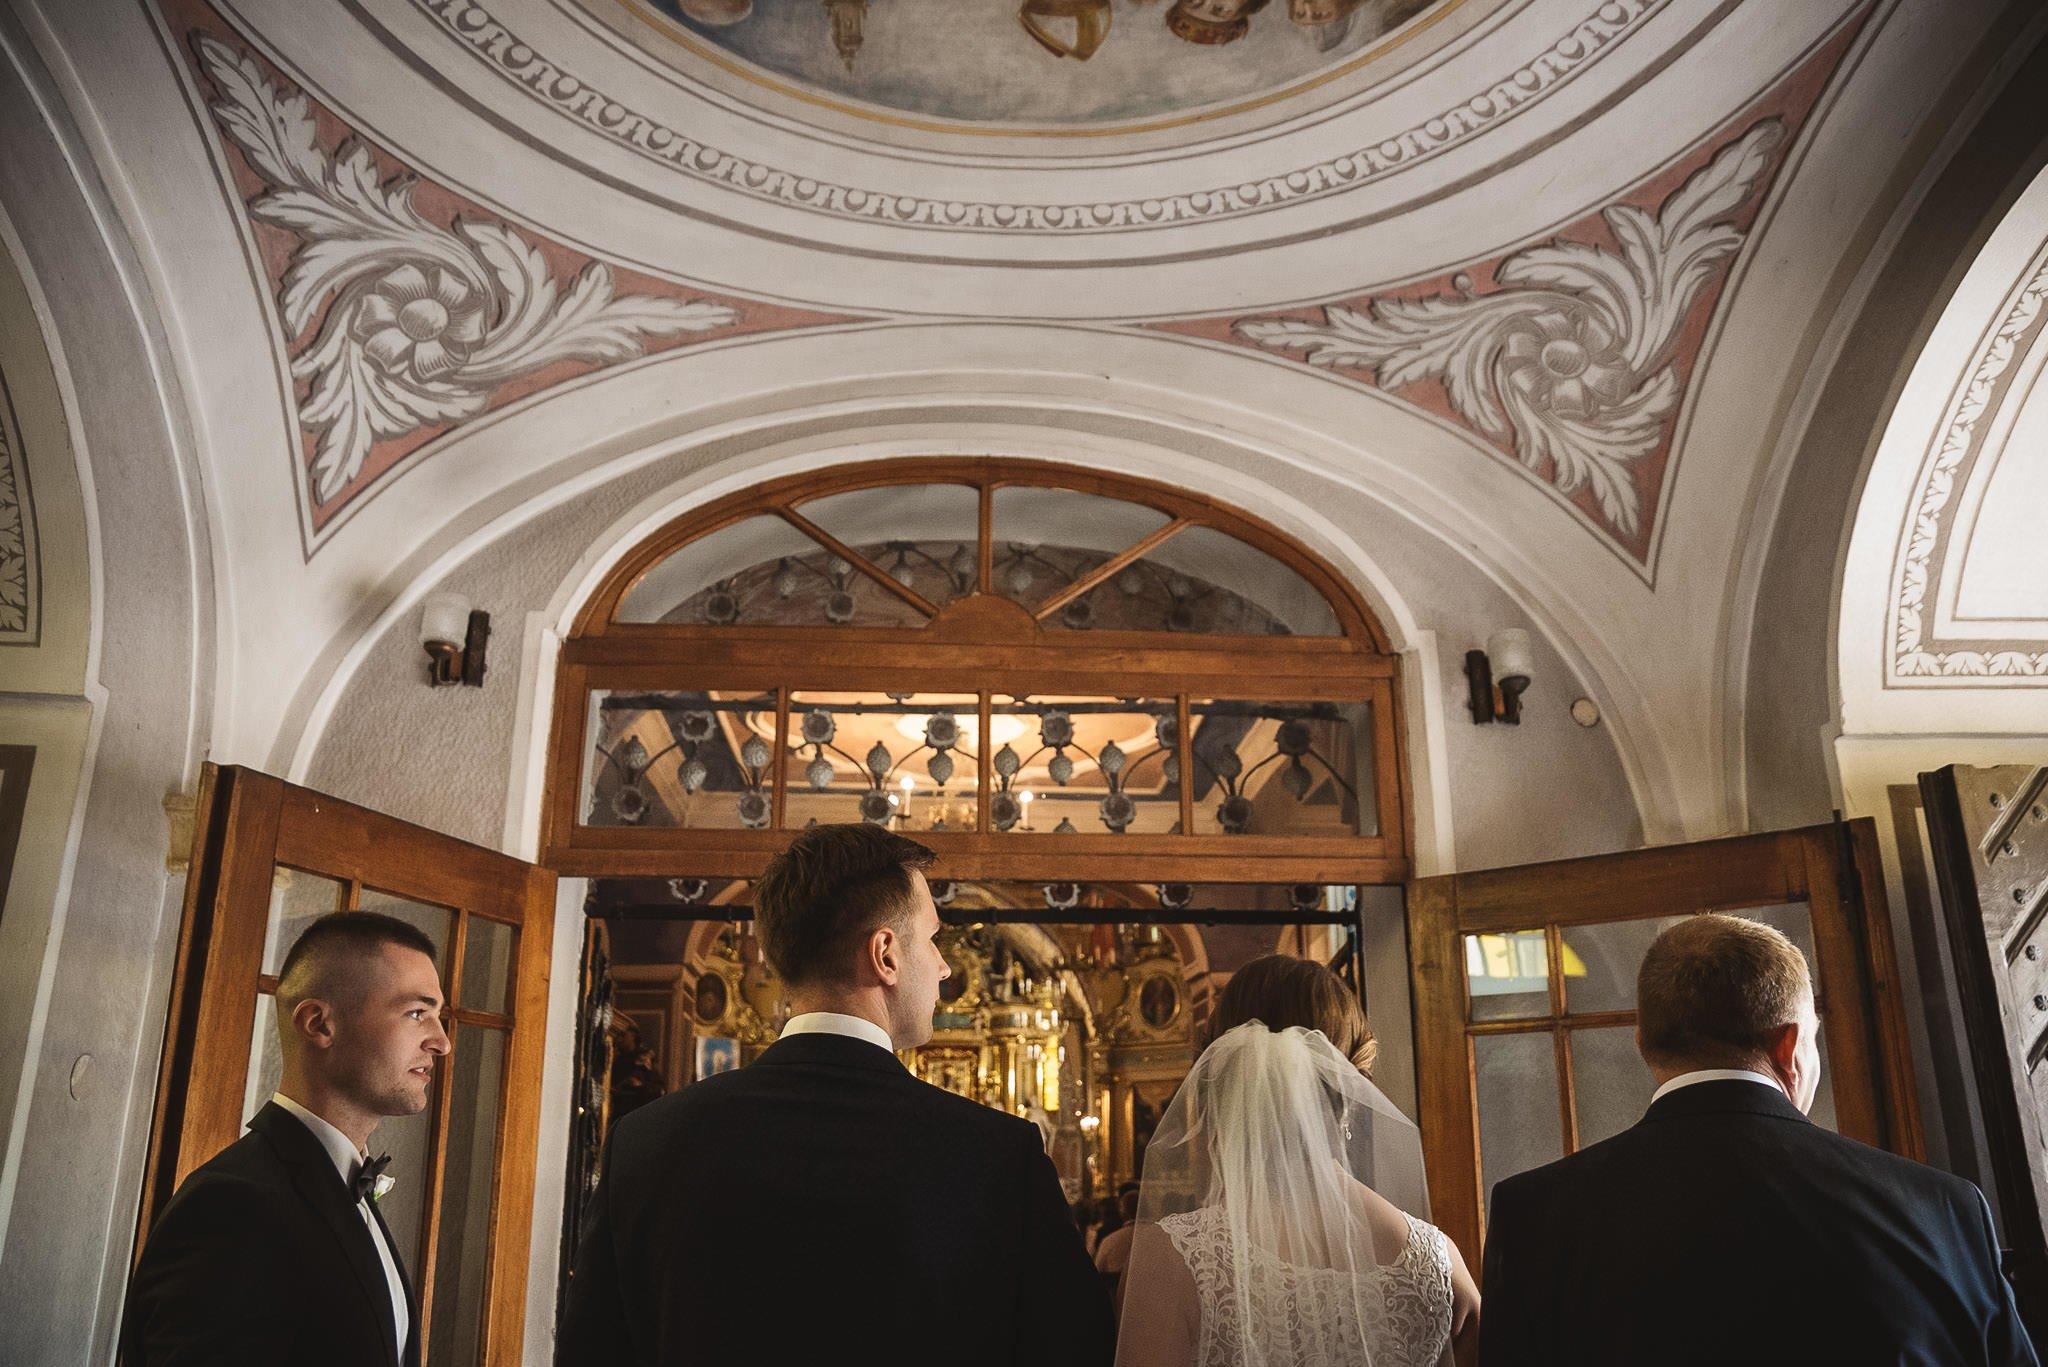 Monika i Michał, wesele w Paryżu i sesja plenerowa w stadninie koni w Czołowie 88